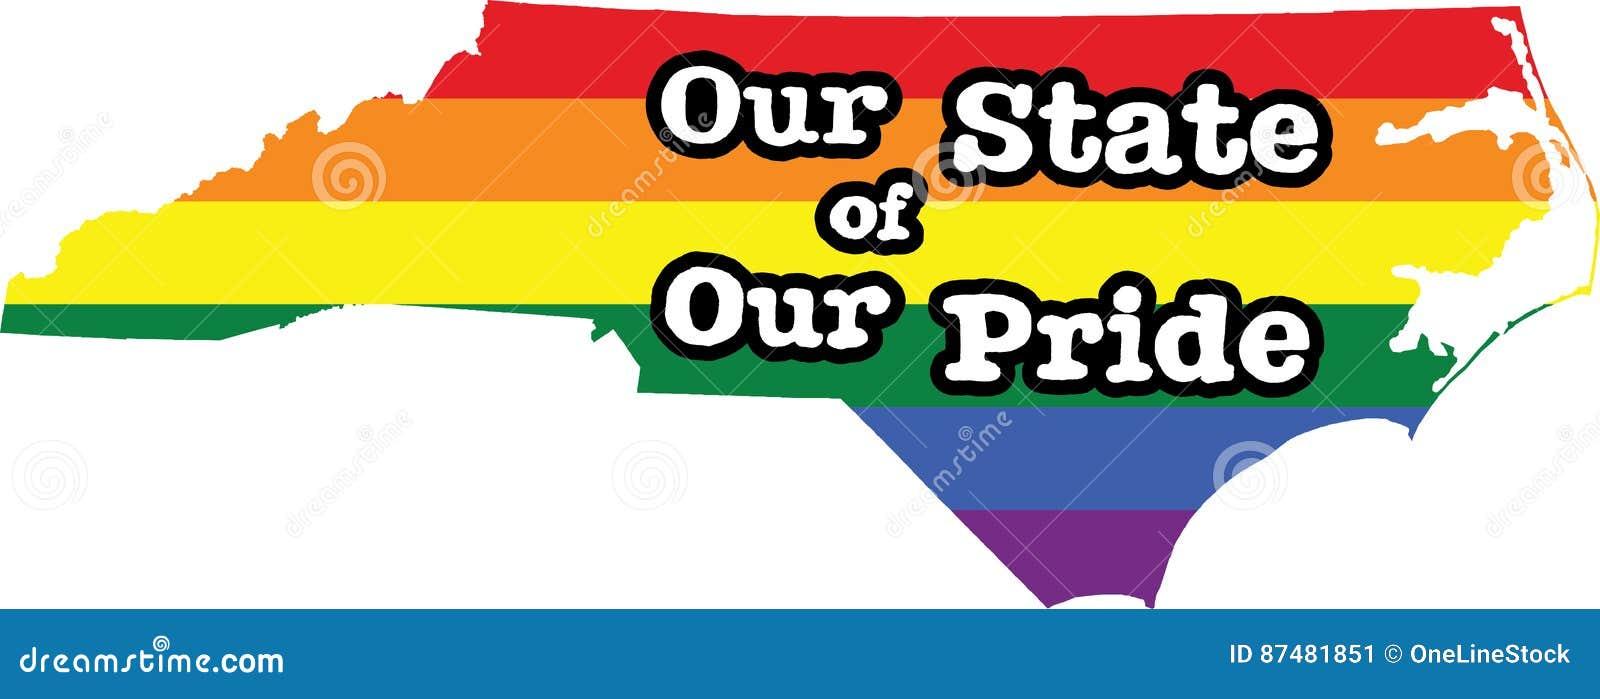 Gay pride north carolina